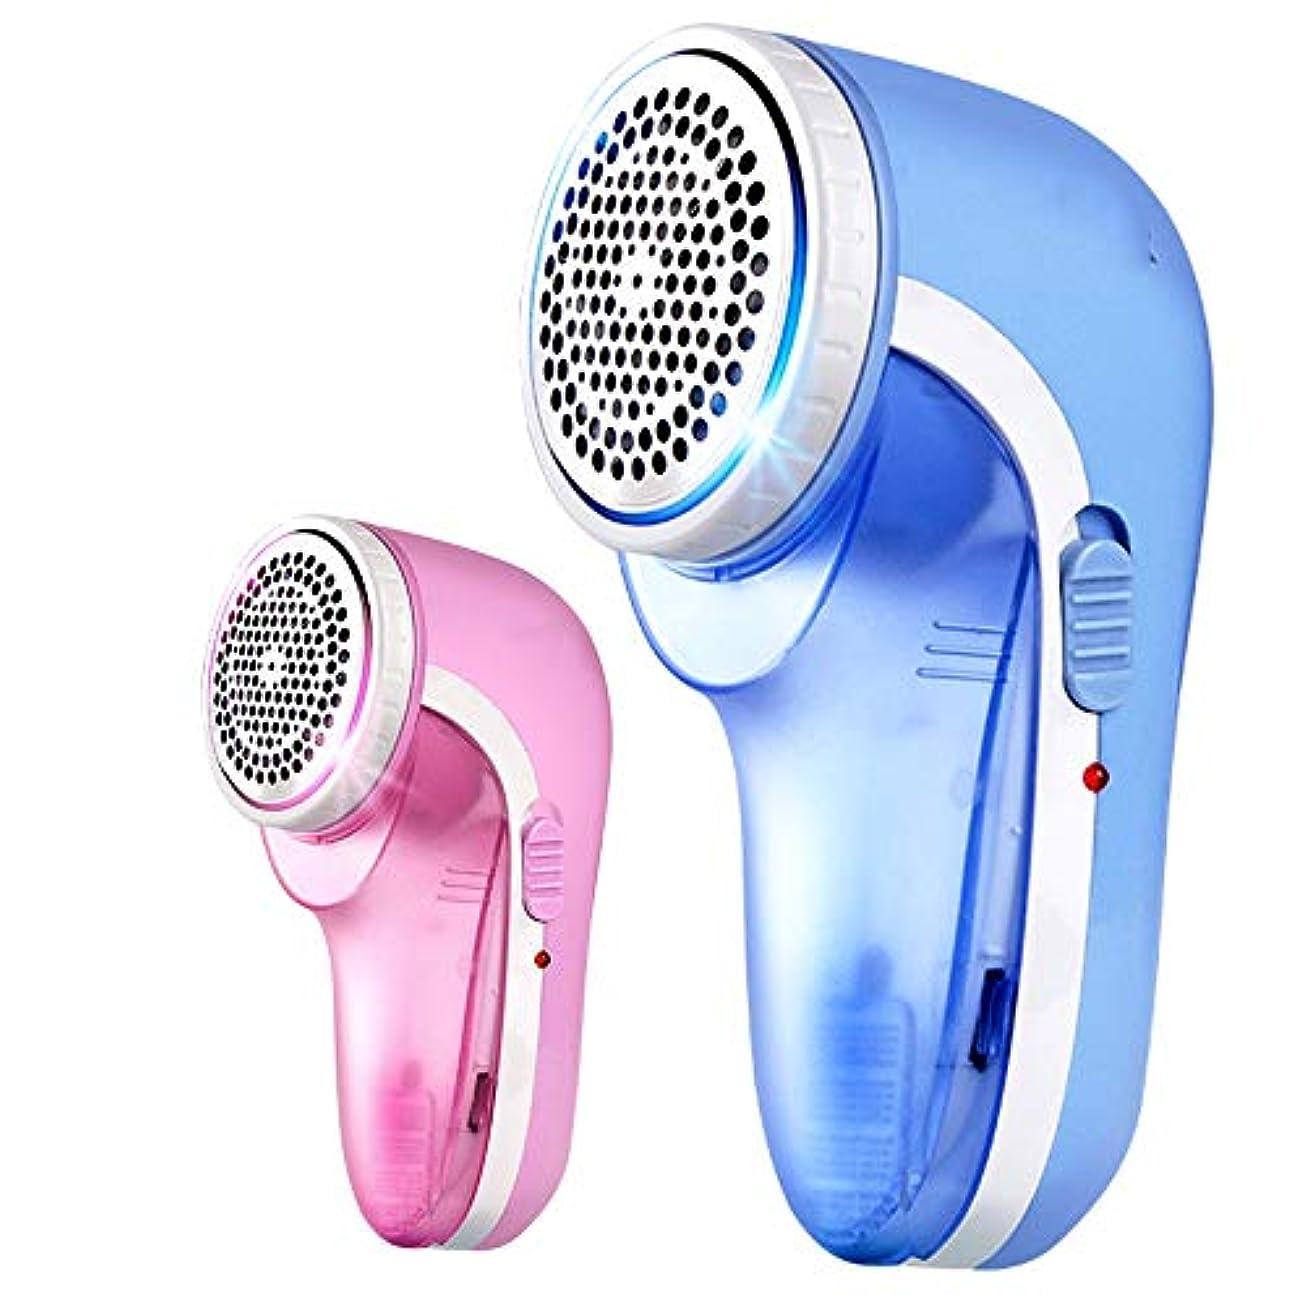 アレルギー性スーツ中庭Wei Zhe- ファブリックシェーバー - リントリムーバー衣類シェーバー携帯用リチャージブルボブファブリックシェーバー 携帯用かみそり (色 : ピンク, サイズ さいず : 7 blade)